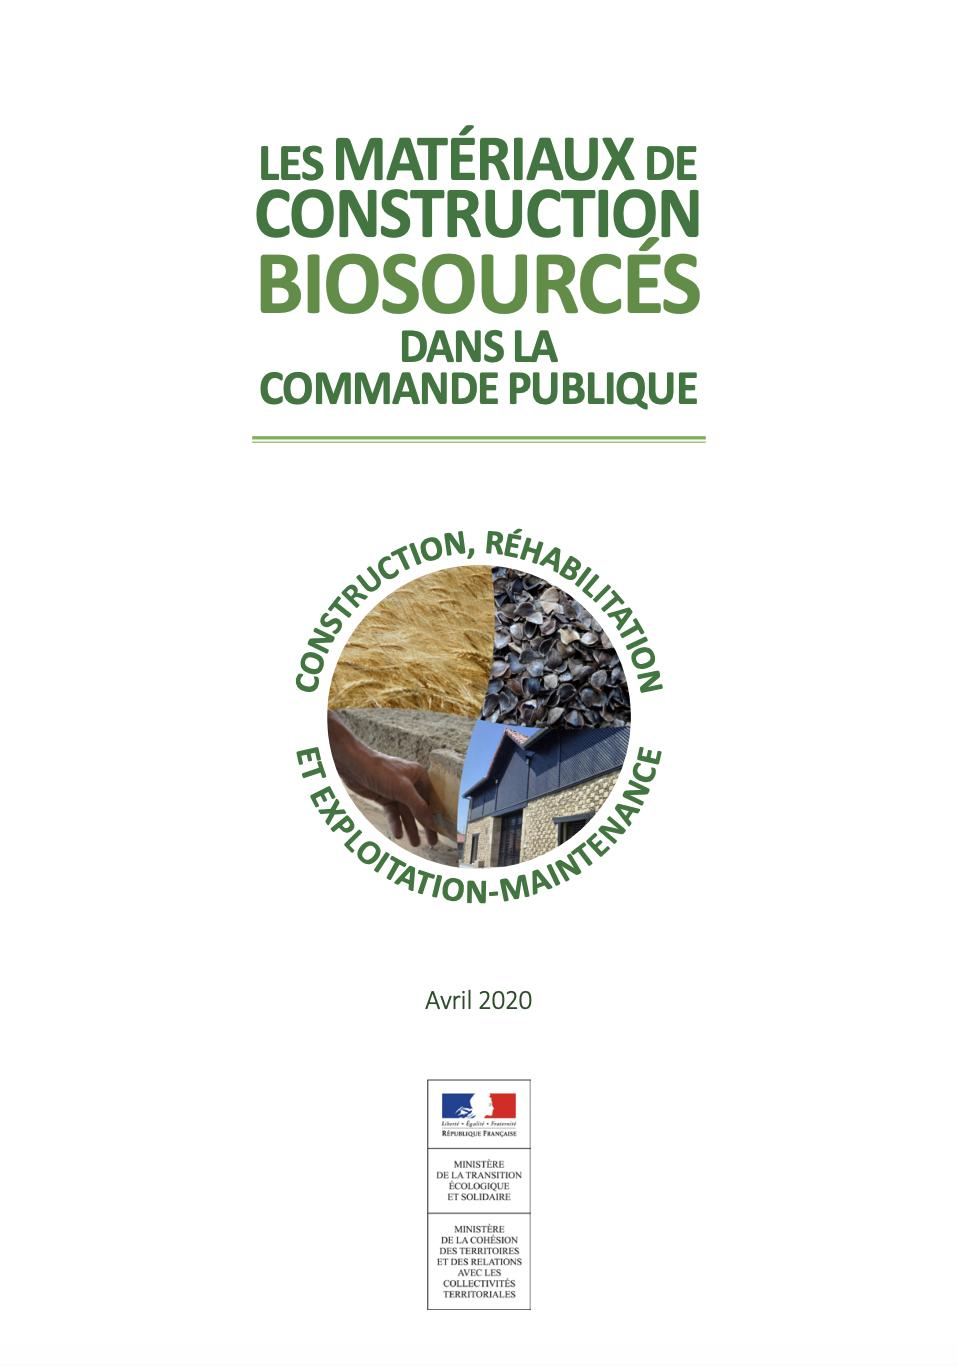 Guide des matériaux de construction biosourcés dans la commande publique